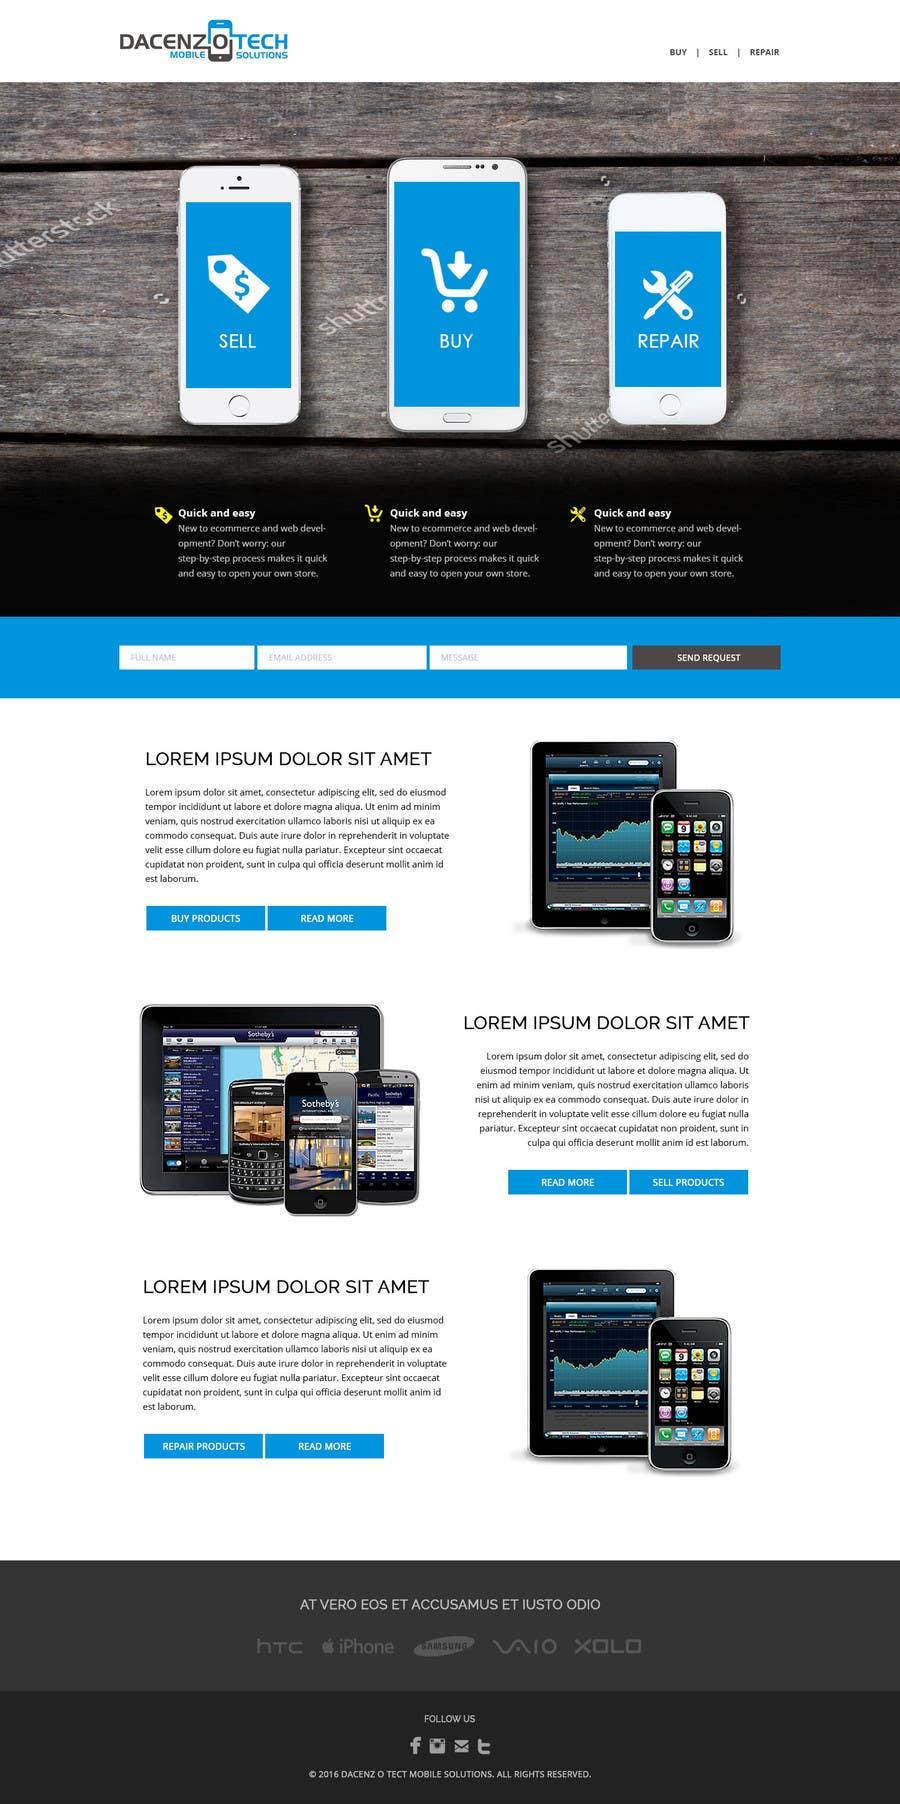 Kilpailutyö #58 kilpailussa Design a Website Mockup for a Mobile Device Company